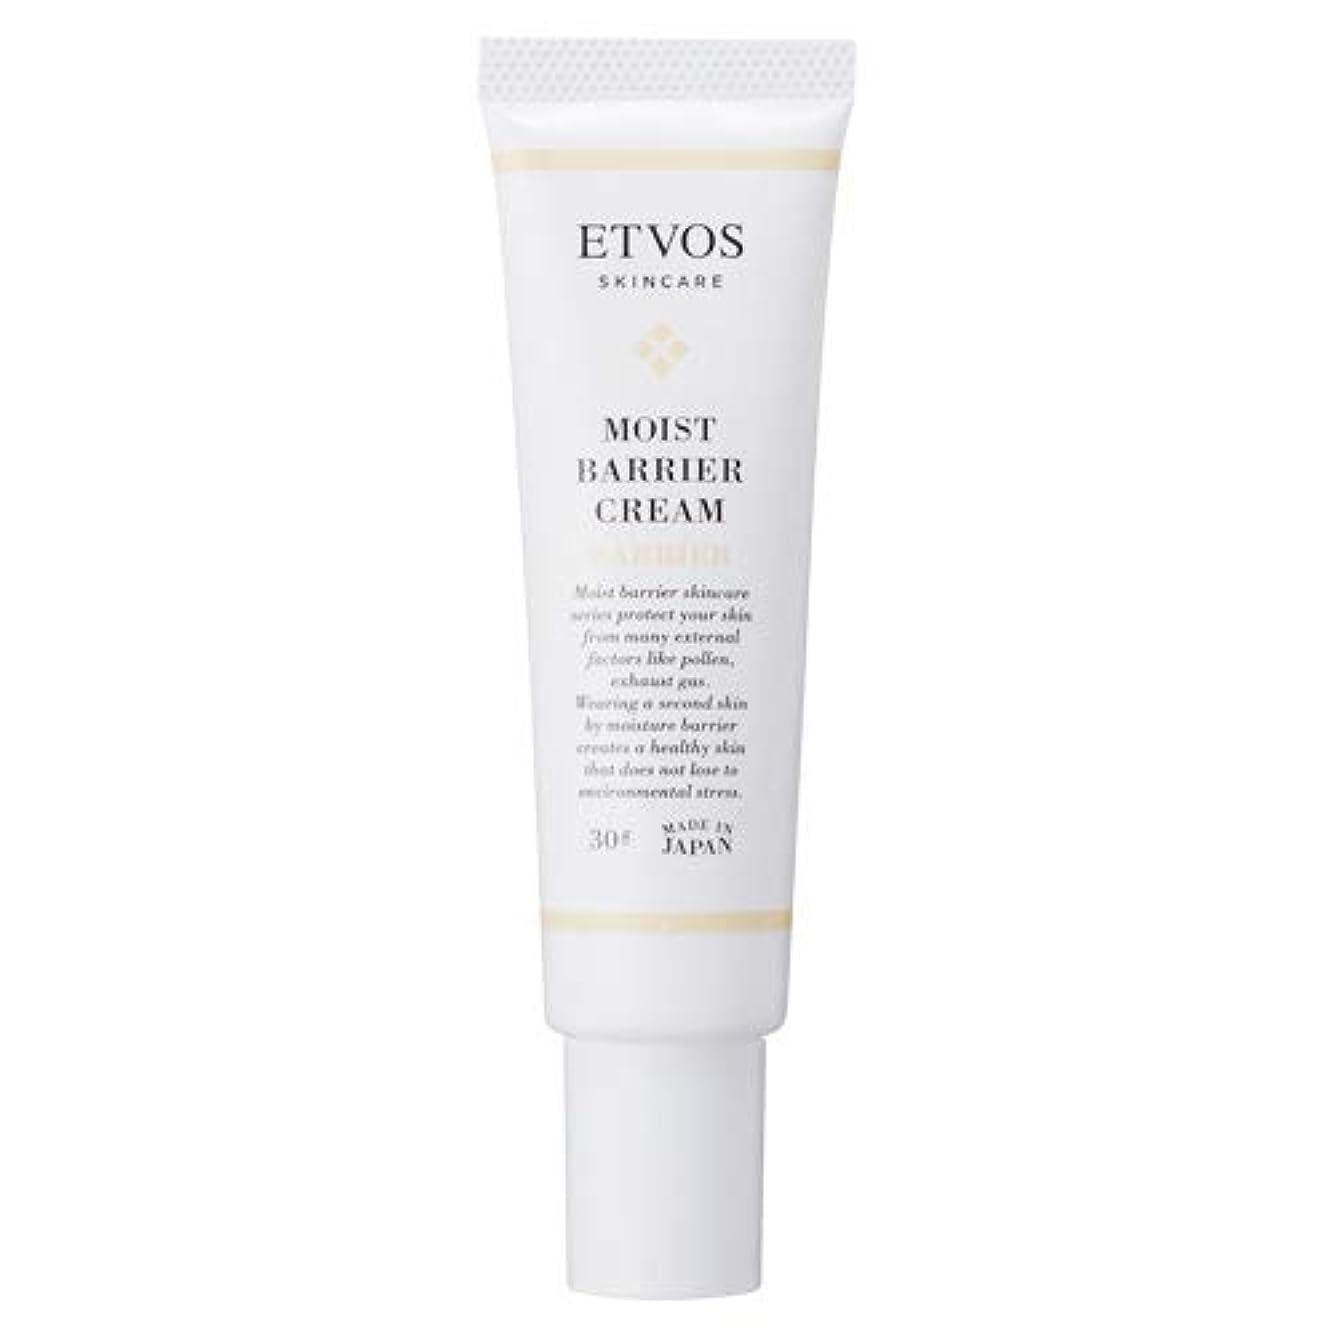 申請者うがい子供時代ETVOS(エトヴォス) 皮膚保護クリーム モイストバリアクリーム 30g 肌荒れ/敏感肌 花粉/PM2.5/ハウスダスト [並行輸入品]